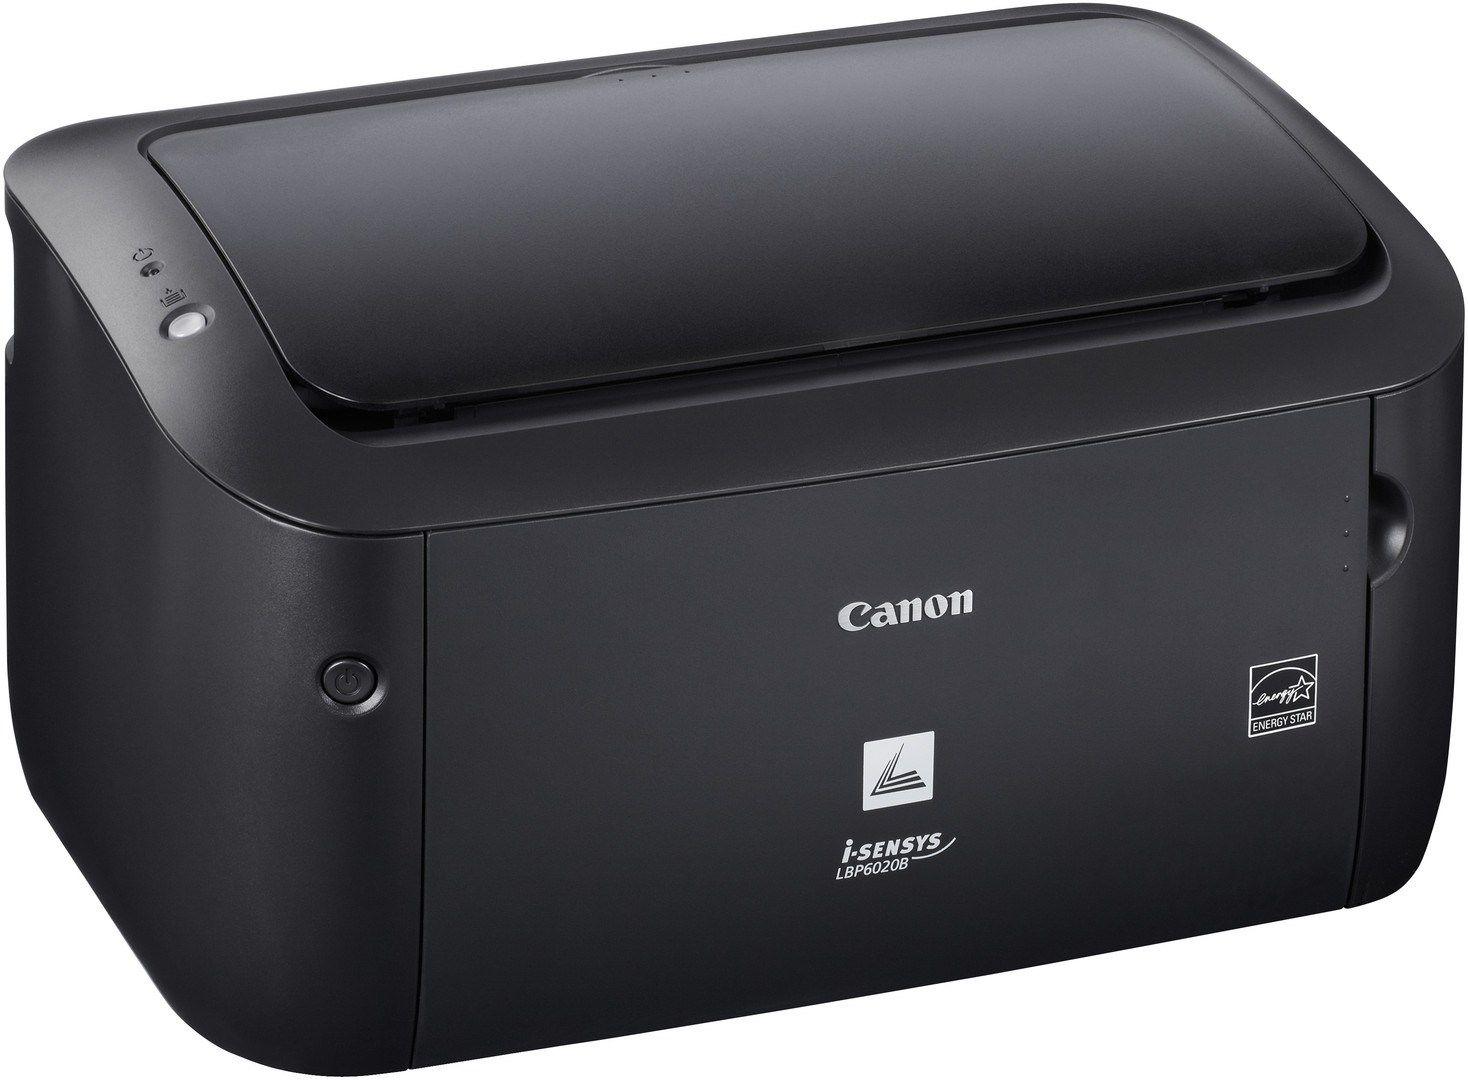 Canon lbp6020 скачать драйвер на русском